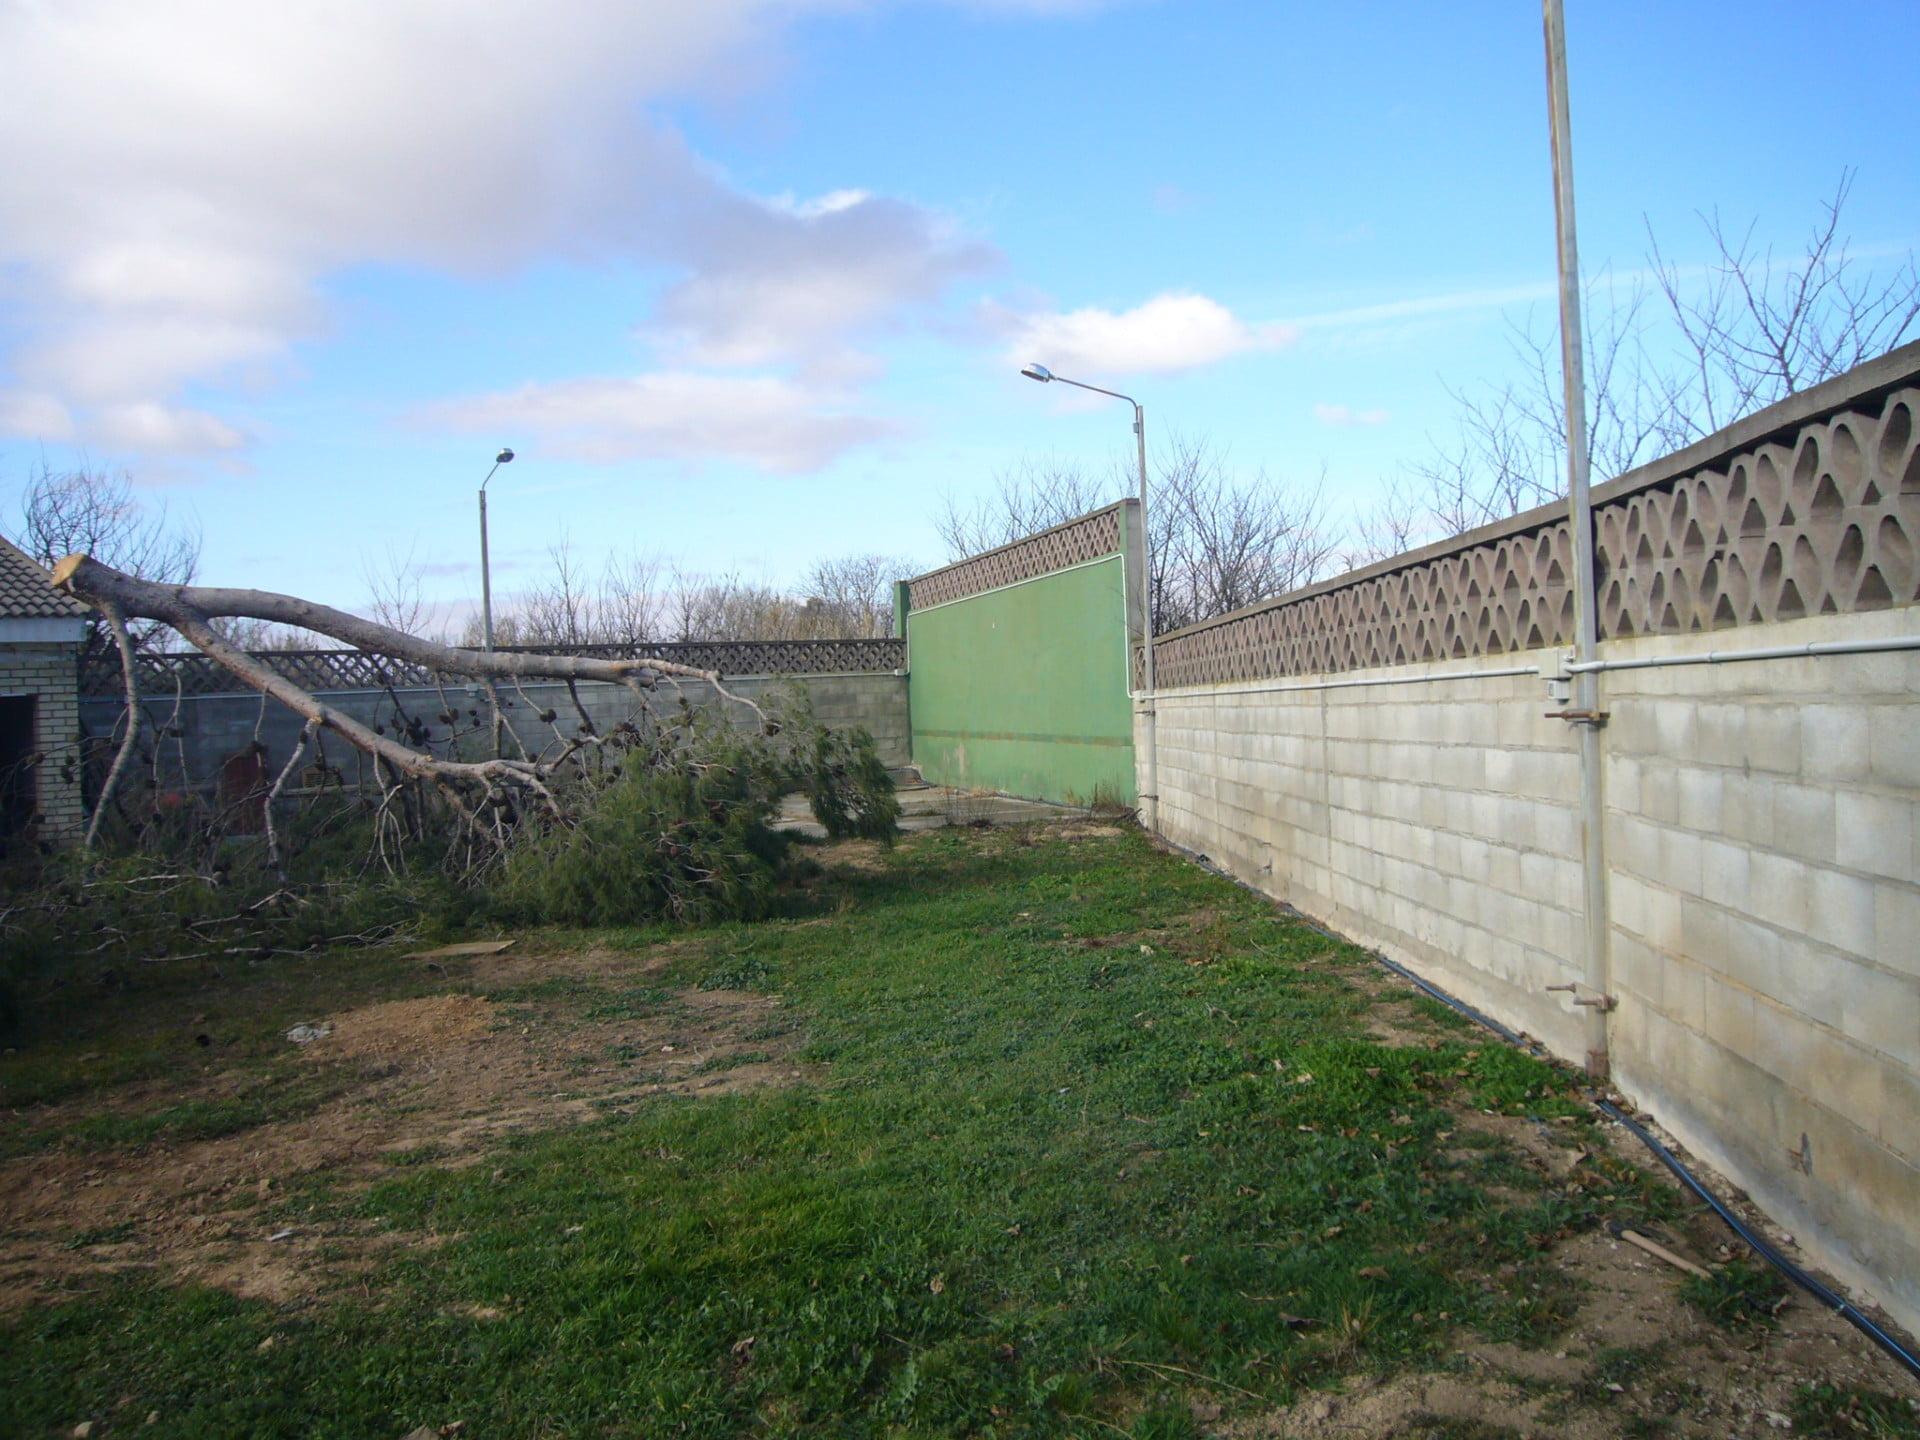 Construcci n vivienda unifamiliar en zaragoza actur3000 - Construccion vivienda unifamiliar ...